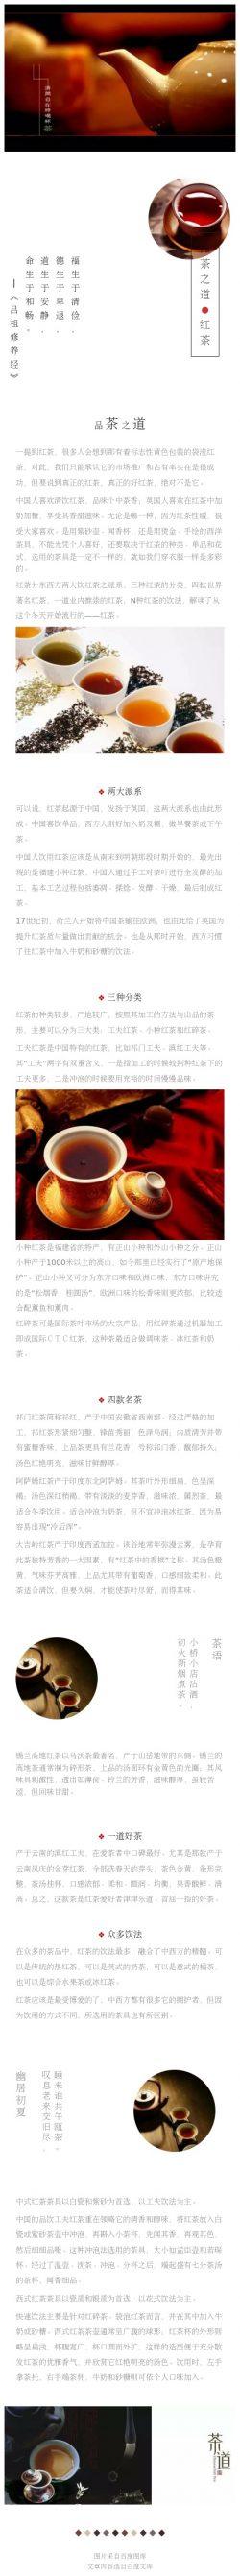 茶道茶文化中国风微信公众号文章模板